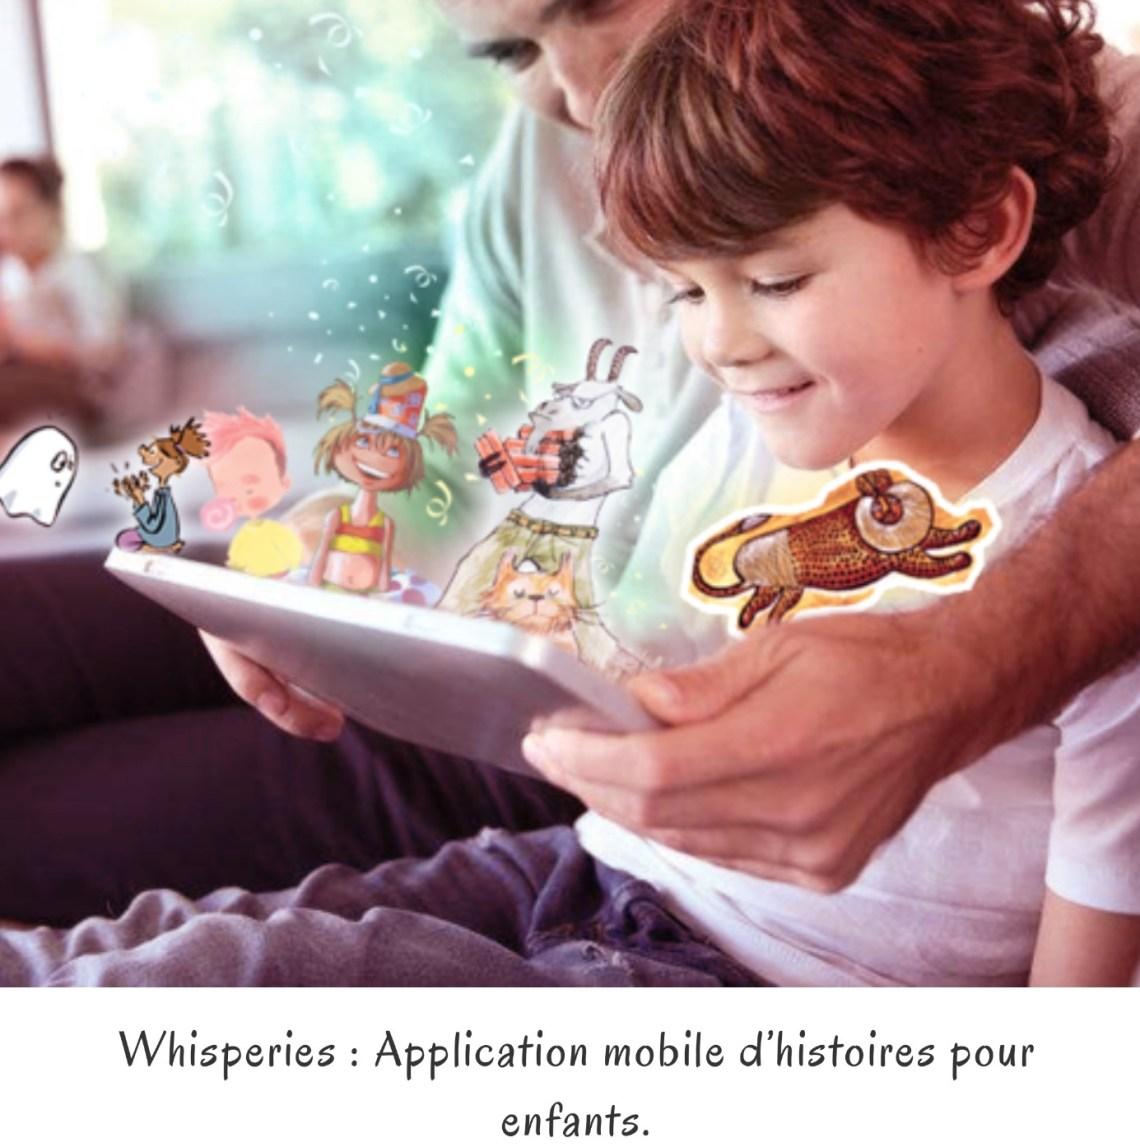 Whisperies : Application mobile d'histoires pour enfants.